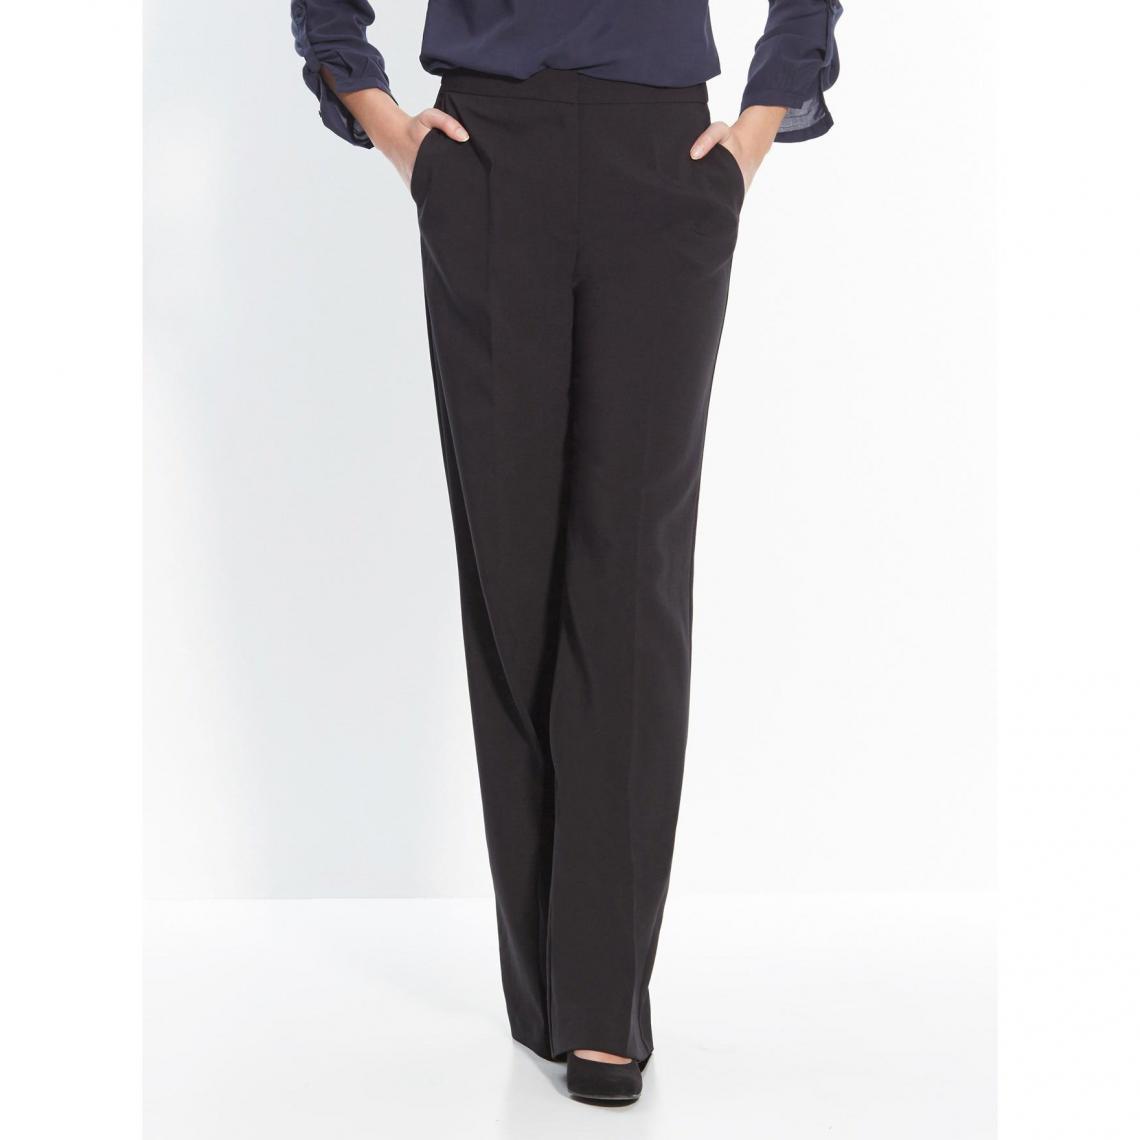 half off official store half off Pantalon large et fluide femme Balsamik | 3 SUISSES